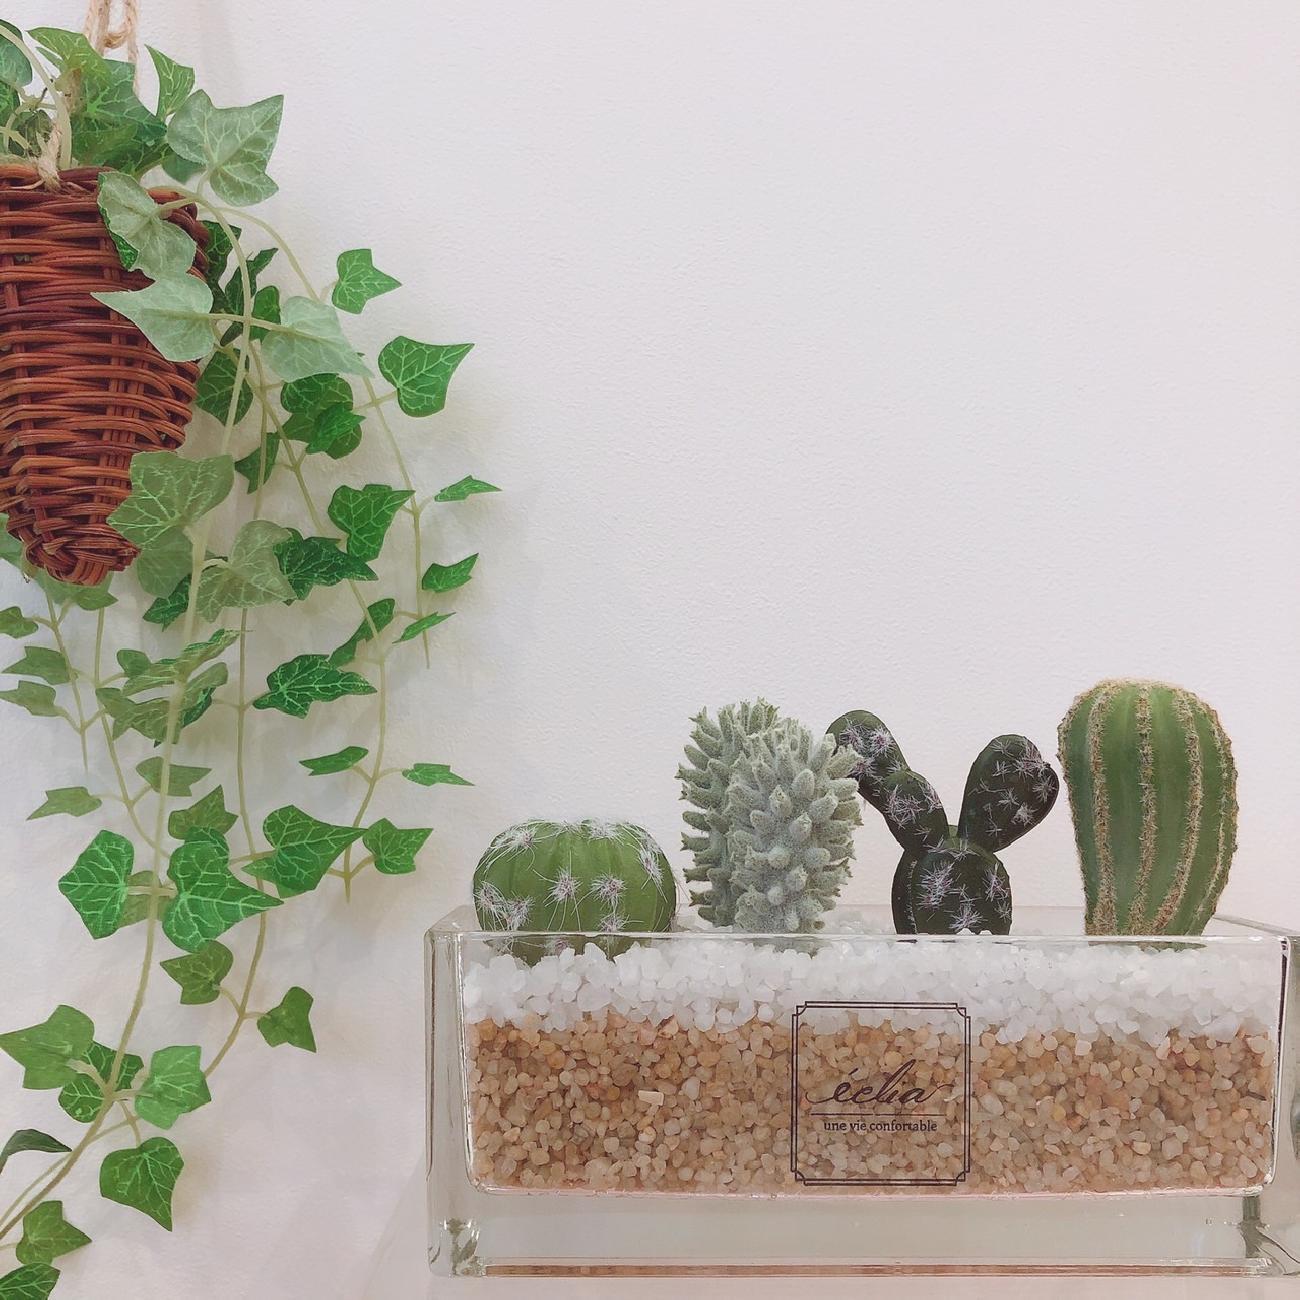 インテリア雑貨/アーティフィシャルグリーン/消臭/抗菌/おうち時間/フェイクグリーン